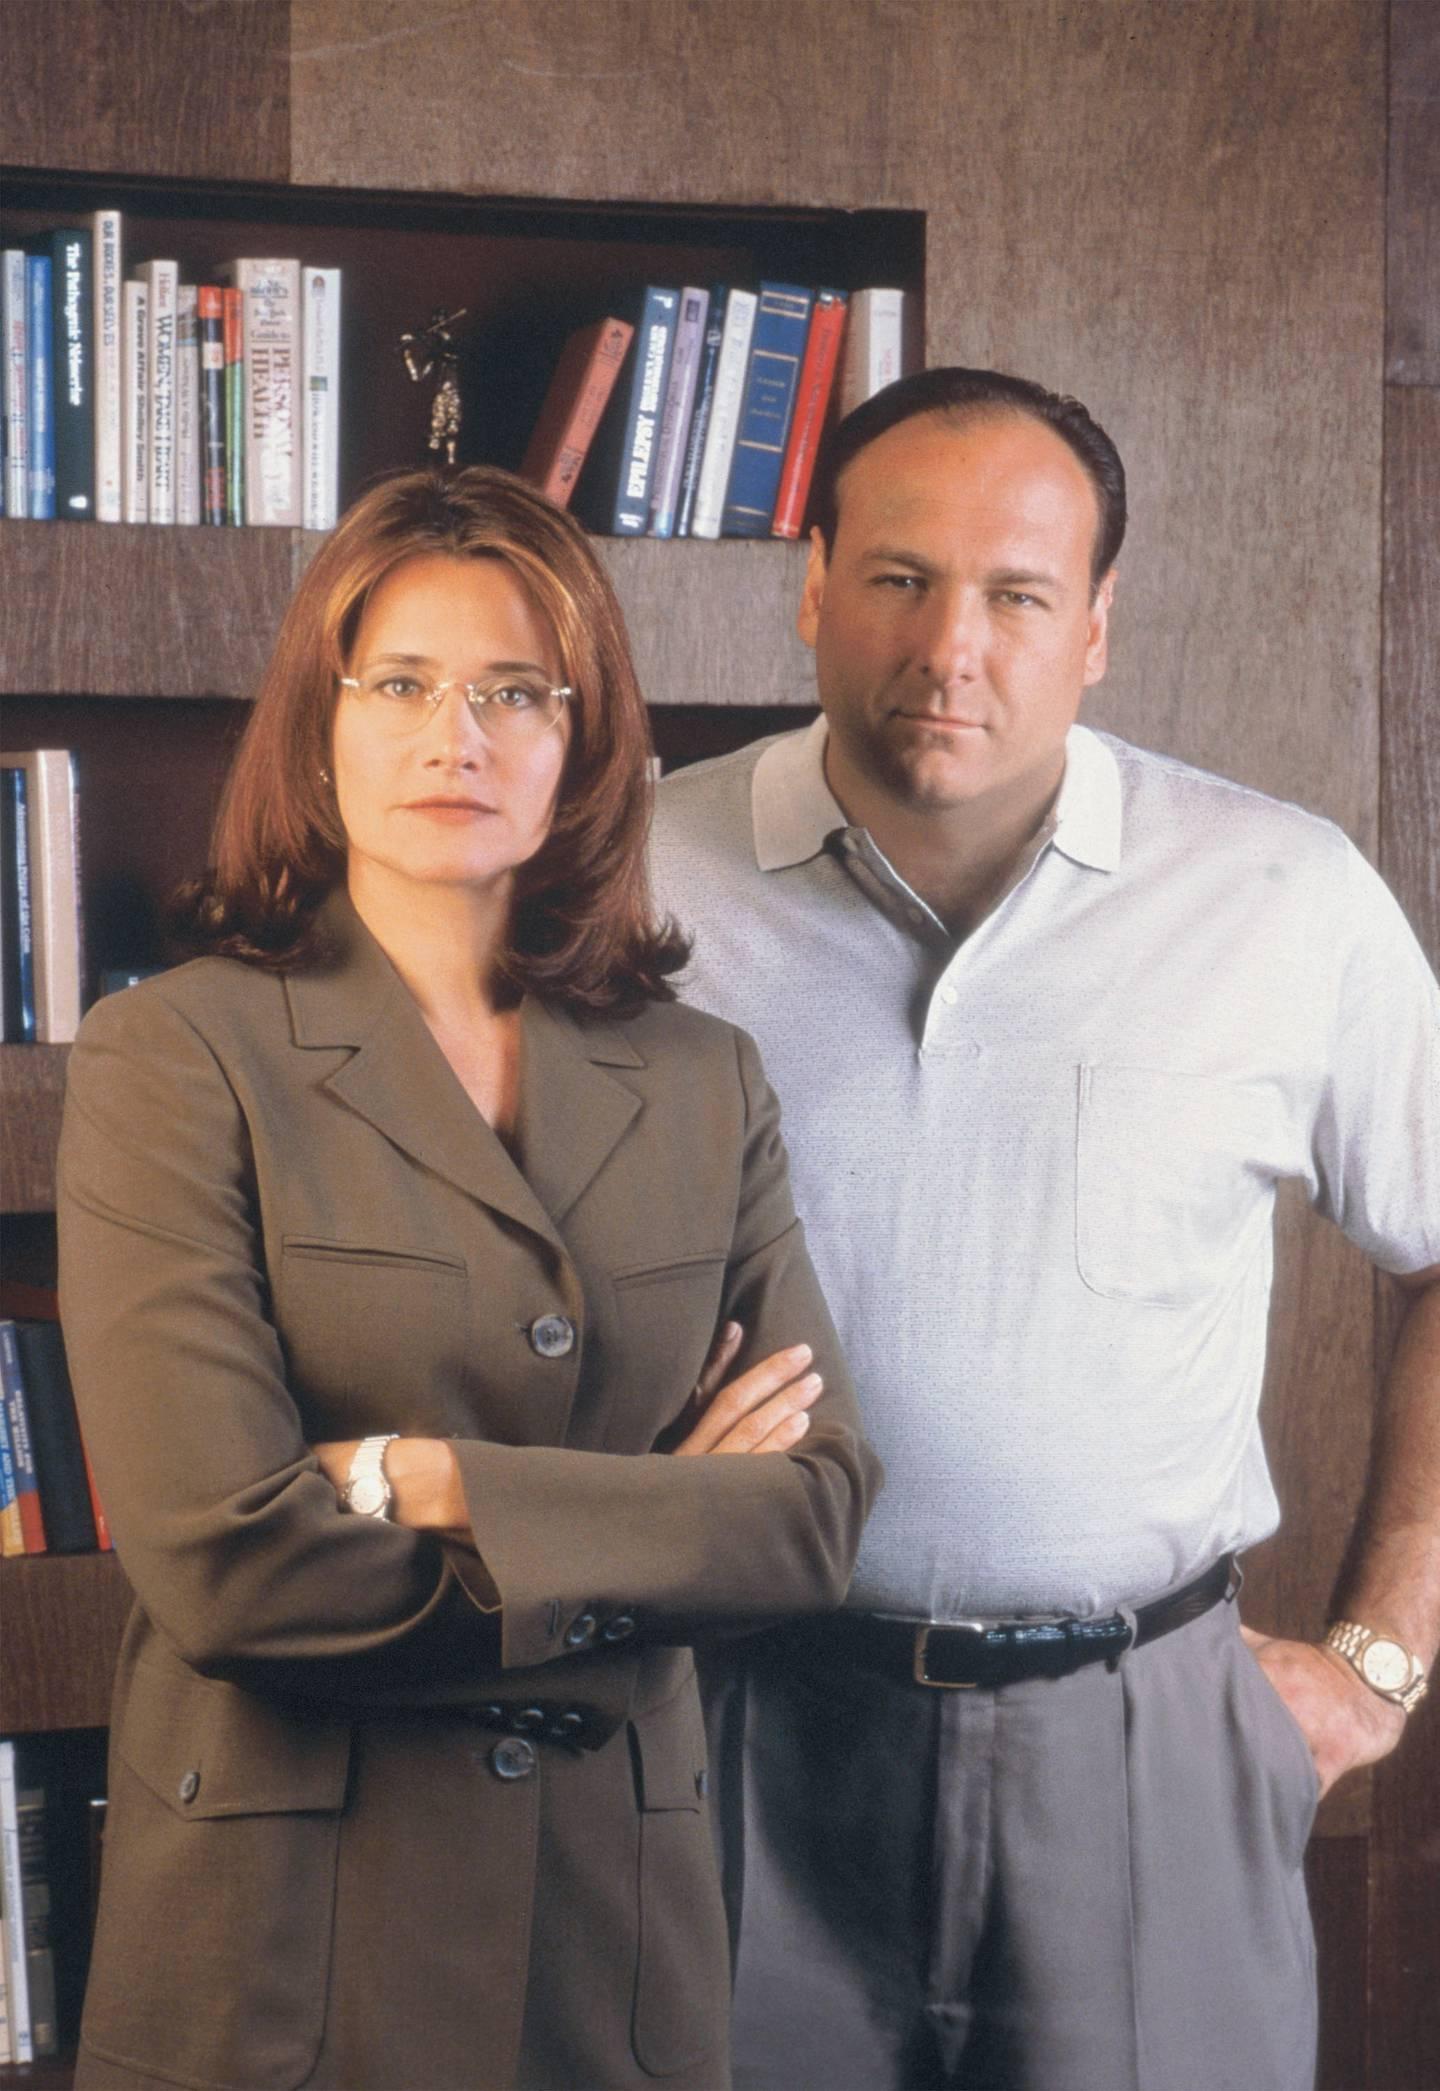 Tony Soprano (James Gandolfini) åpnet seg for psykologen sin, dr. Jennifer Melfi. (Lorraine Braco). At en mann gikk i terapi på TV skal ha bidratt til at norske menn i større grad oppsøkte psykologhjelp på 2000-tallet.